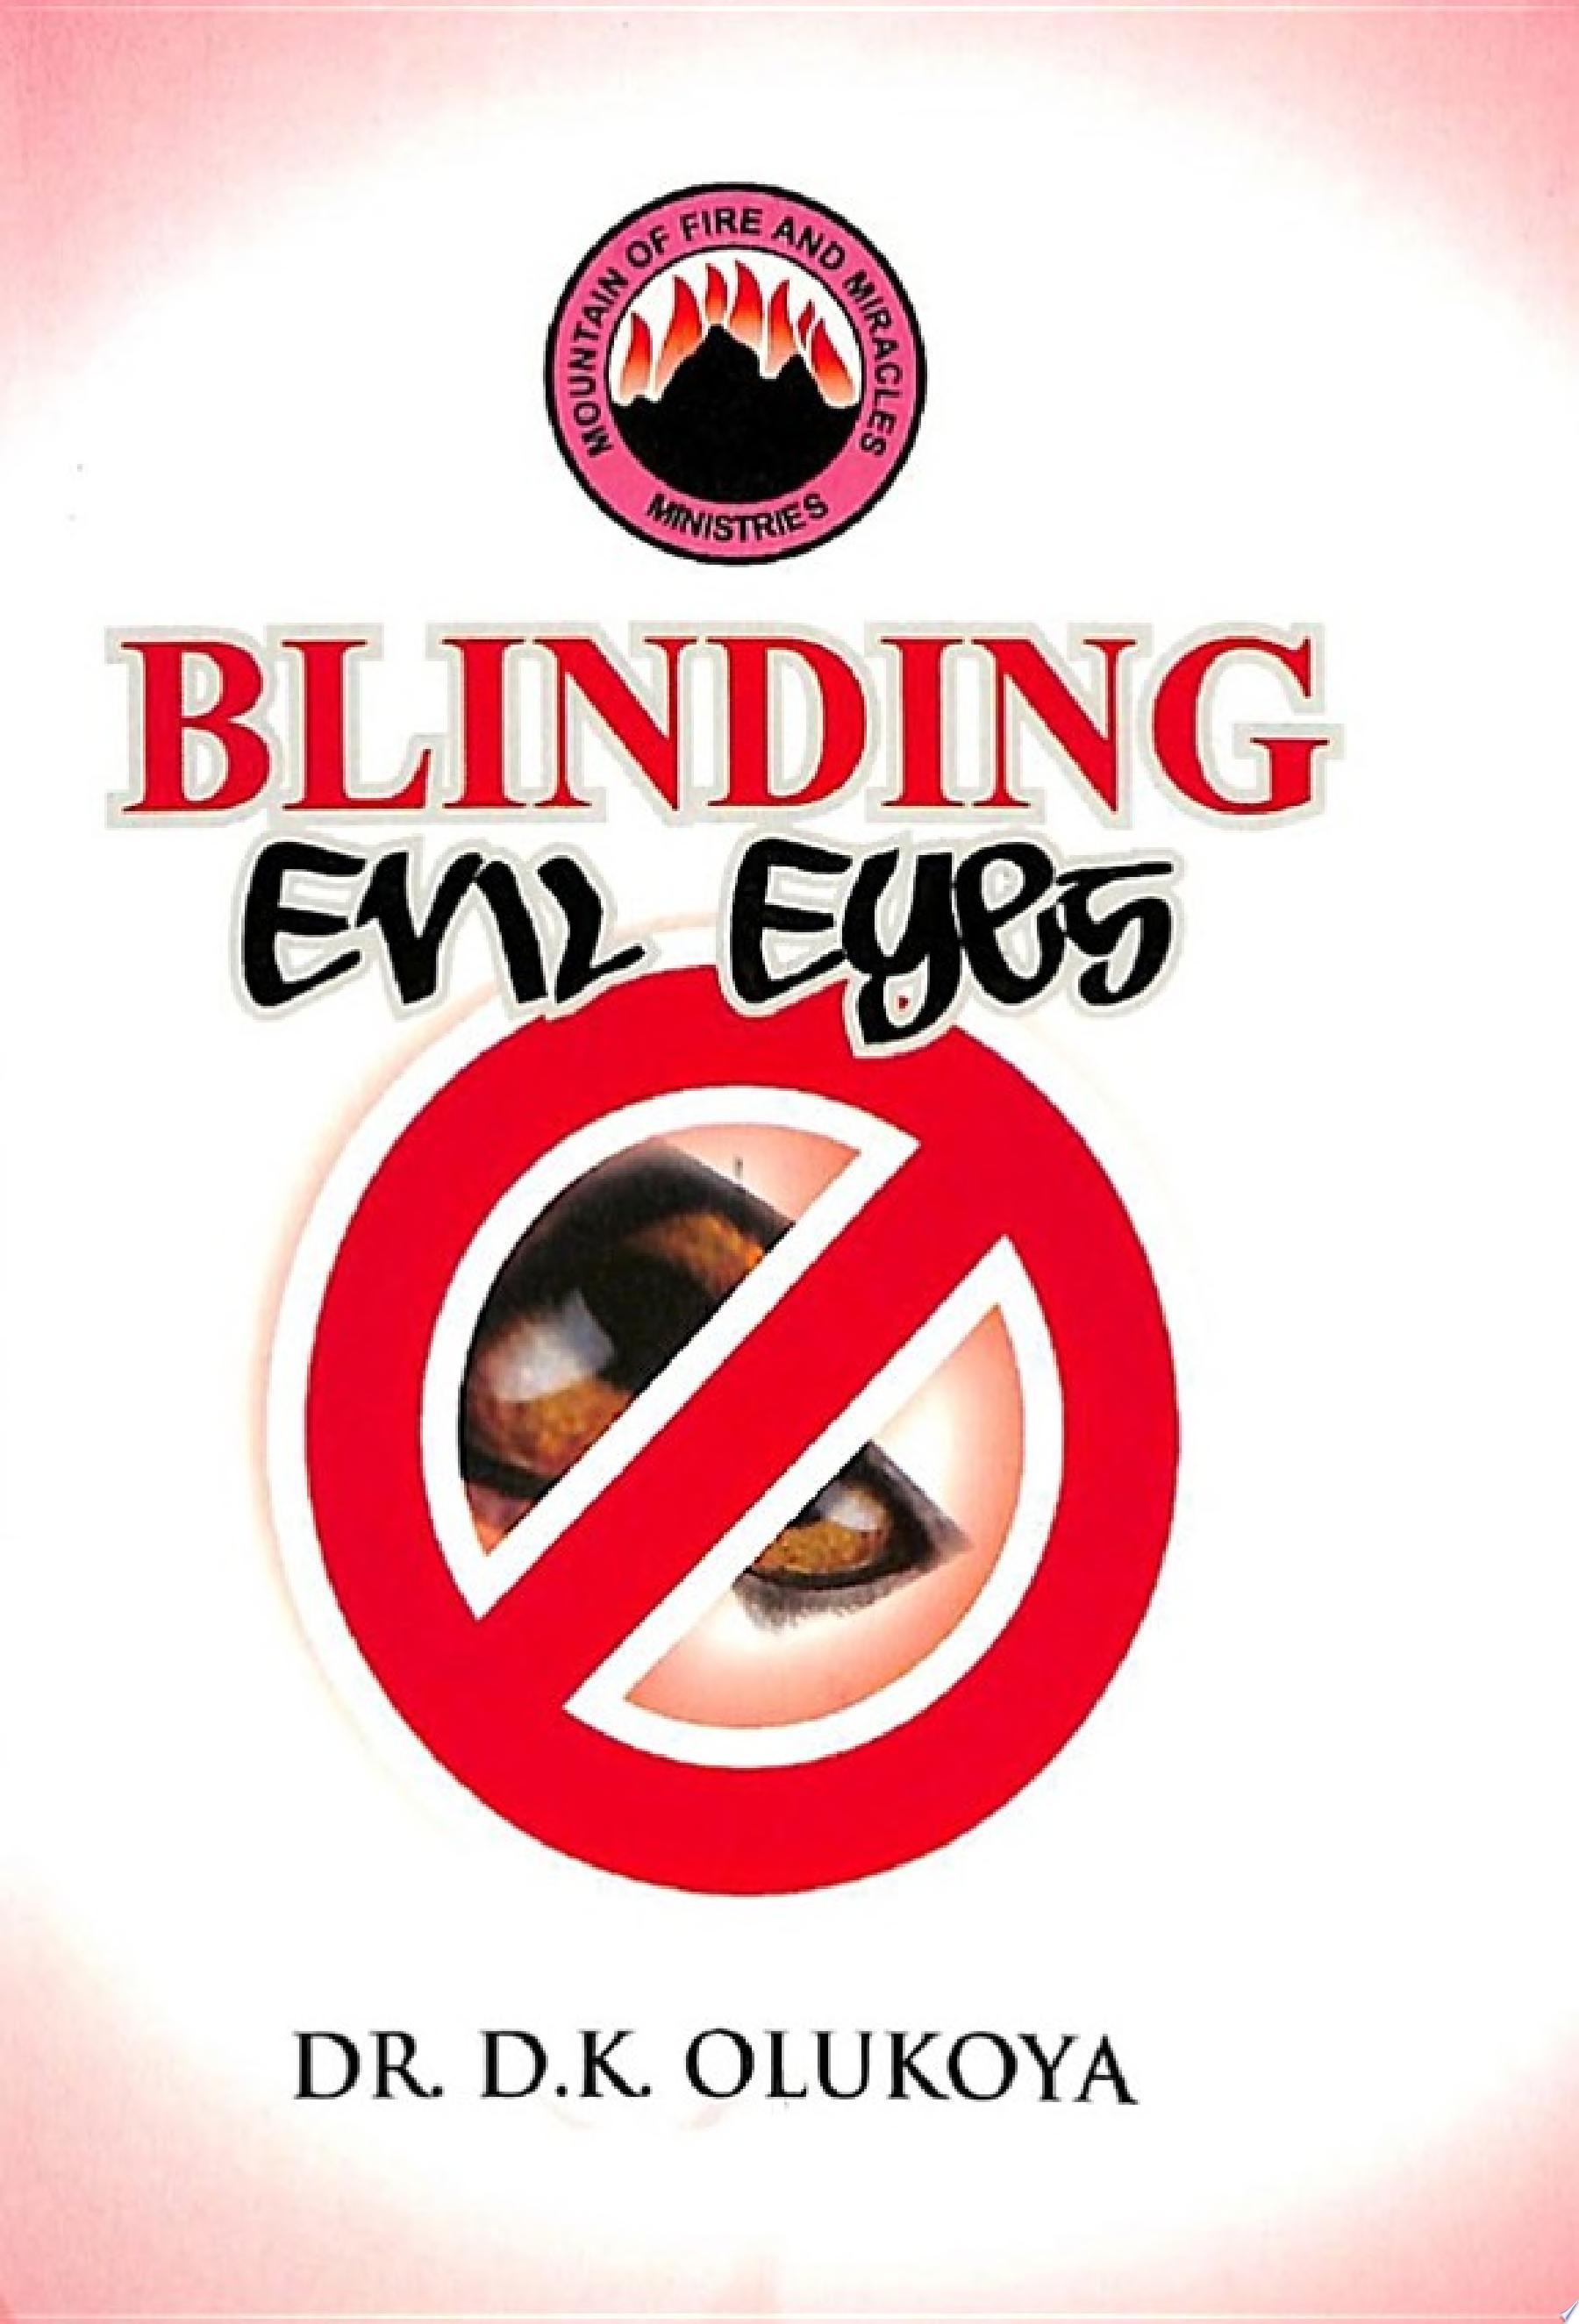 Blinding Evil Eyes